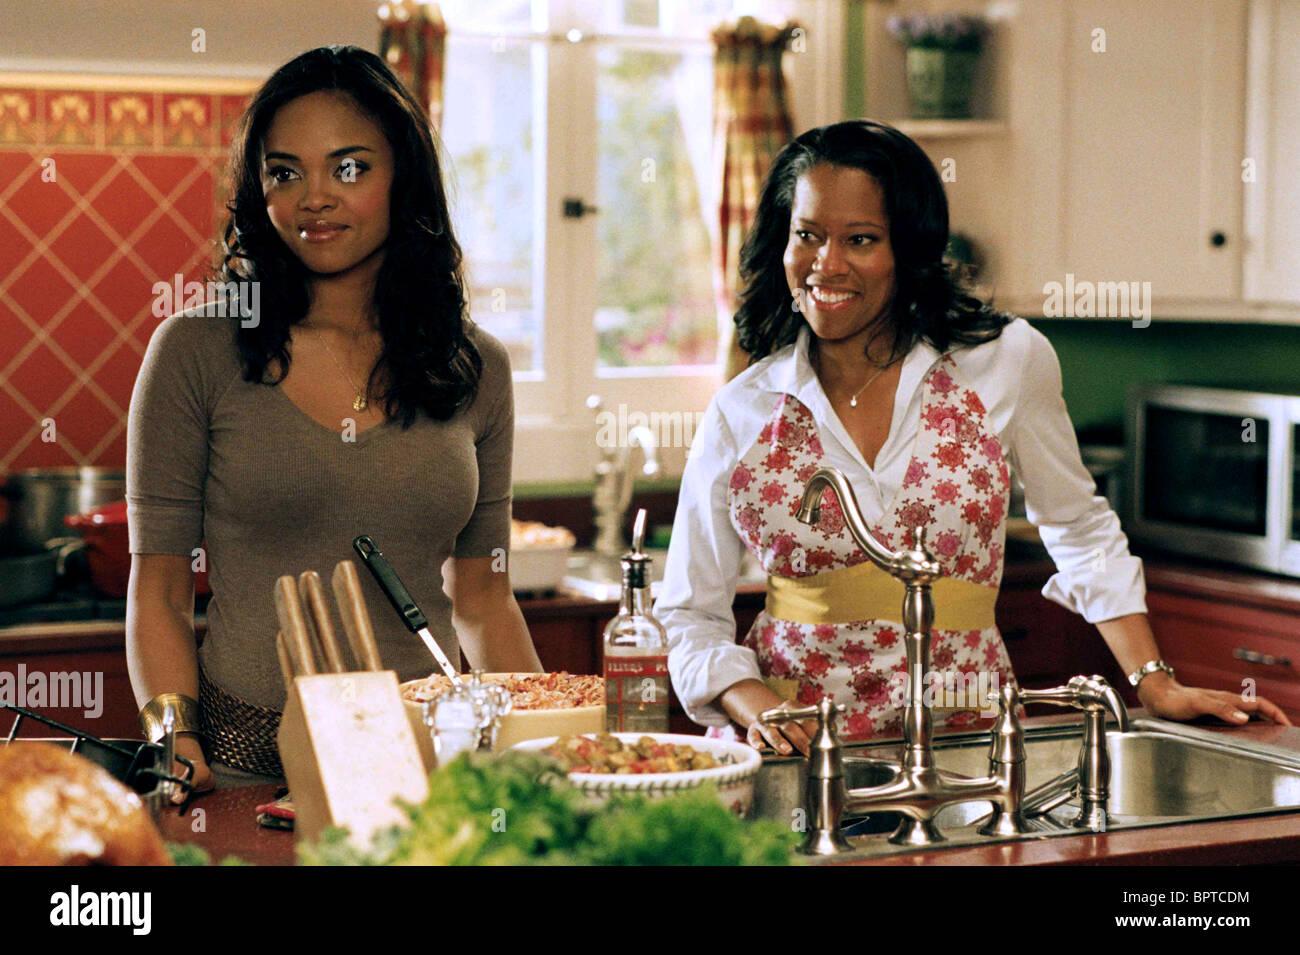 This Christmas Sharon Leal.Sharon Leal Regina King This Christmas 2007 Stock Photo